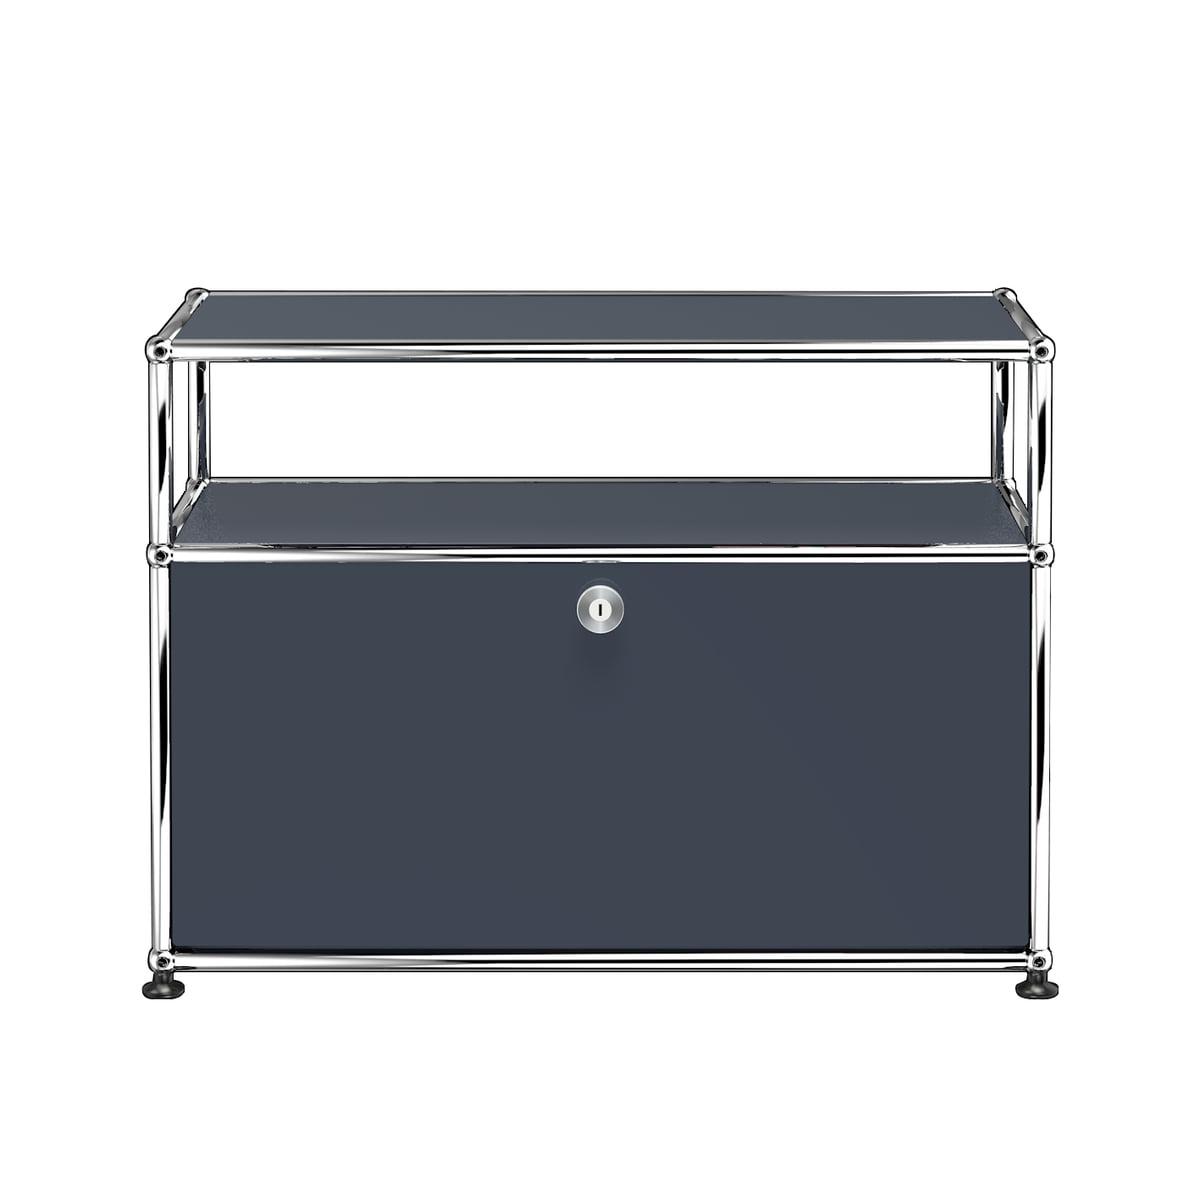 USM Haller - TV-/Hi-Fi-Möbel S mit Klapptür und Ablagefläche, anthrazitgrau (RAL 7016) | Wohnzimmer > TV-HiFi-Möbel > TV-Lowboards | Usm